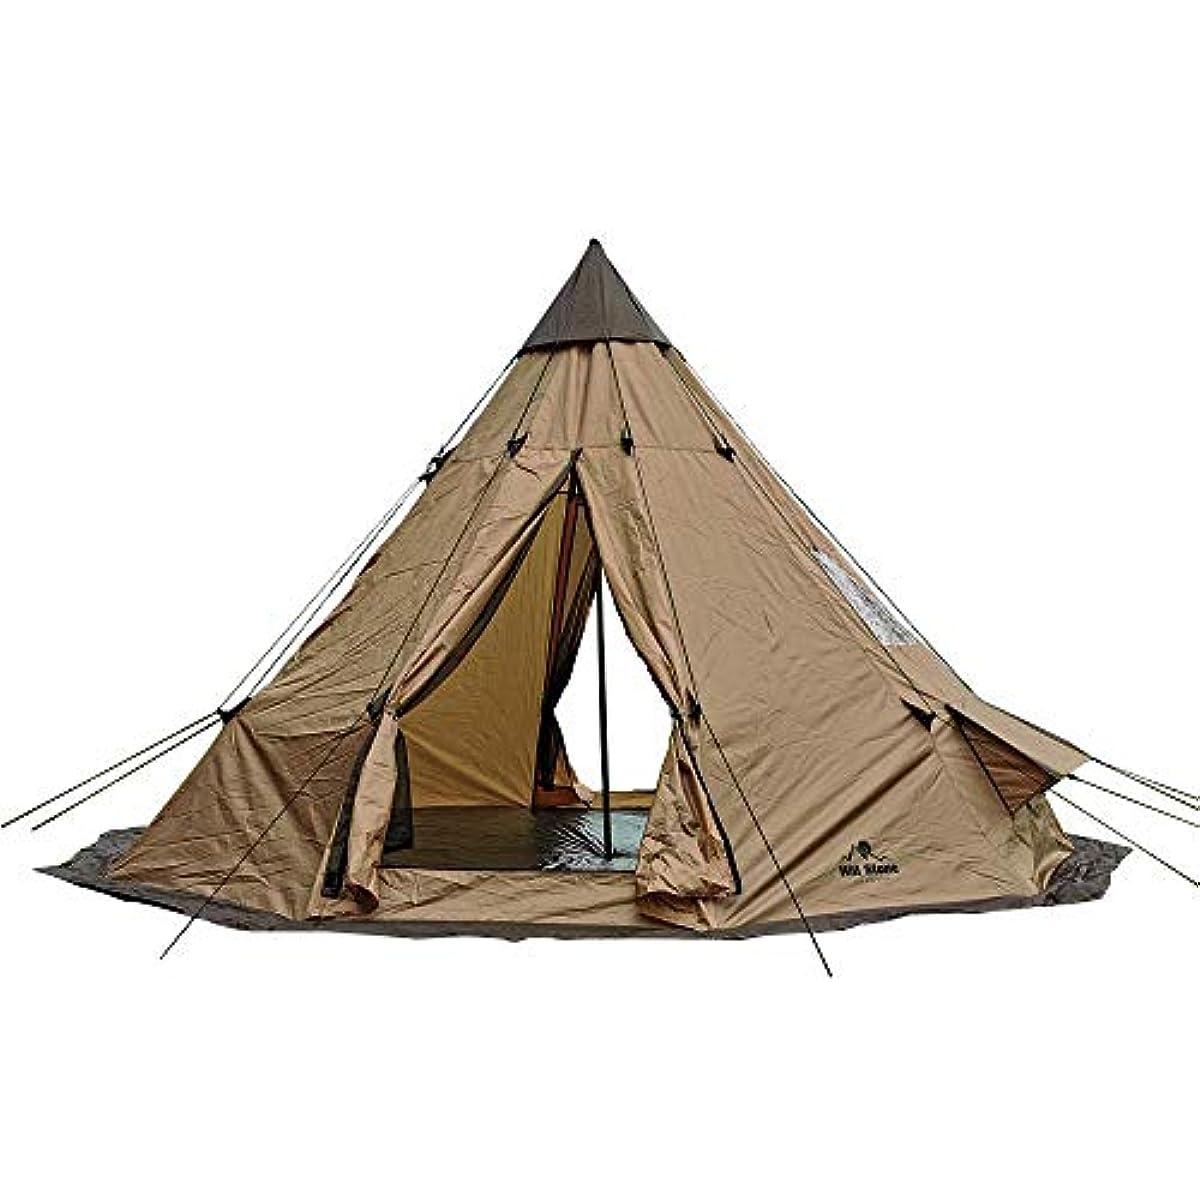 [해외] MIRROR SHOP 텐트 원 폴 텐트 그랜드 ping 텐트 풀 블랙우즈 펙(peg)(말뚝)부 로프부 폴리에스테르 MS-3OD09